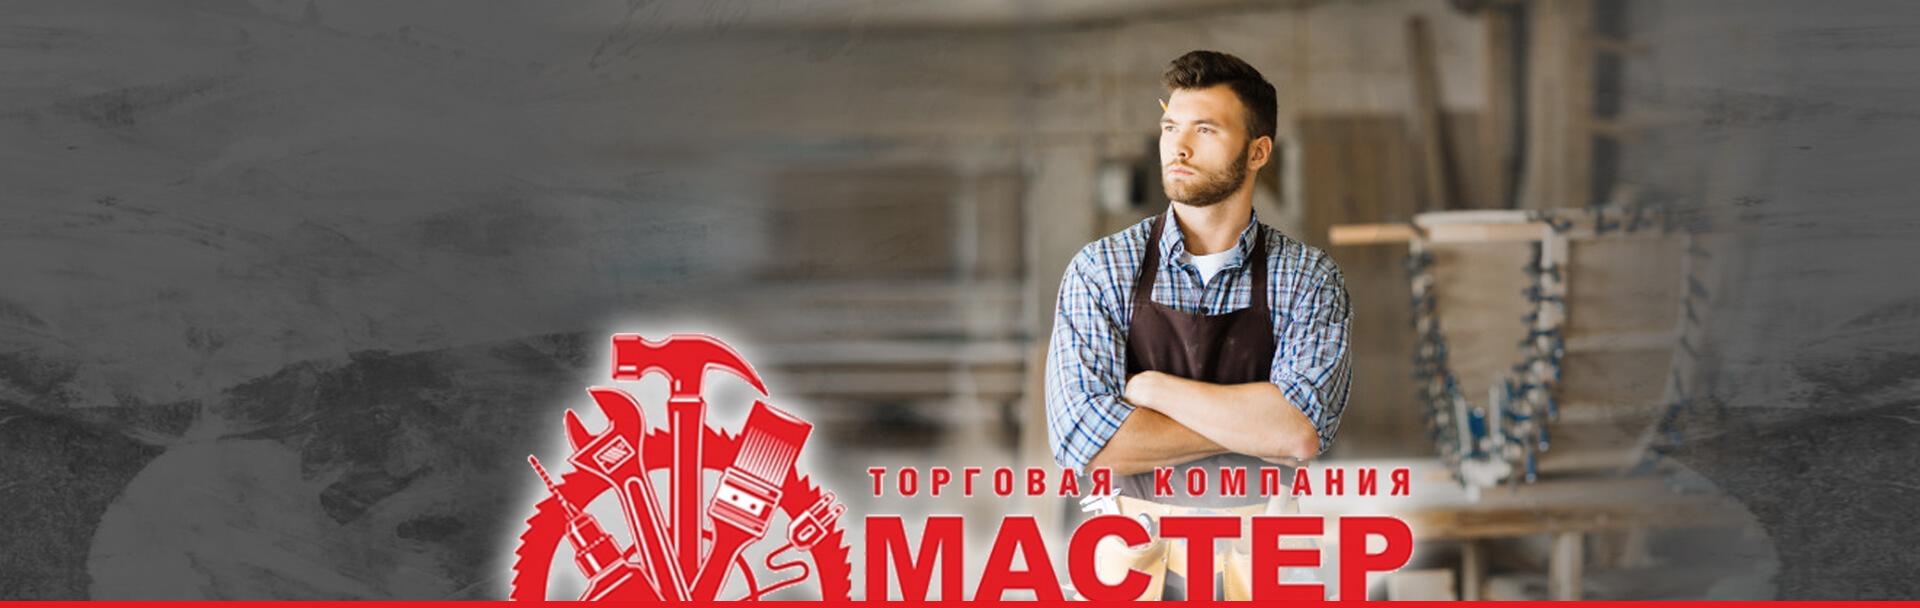 Интернет-магазин 23-master.ru